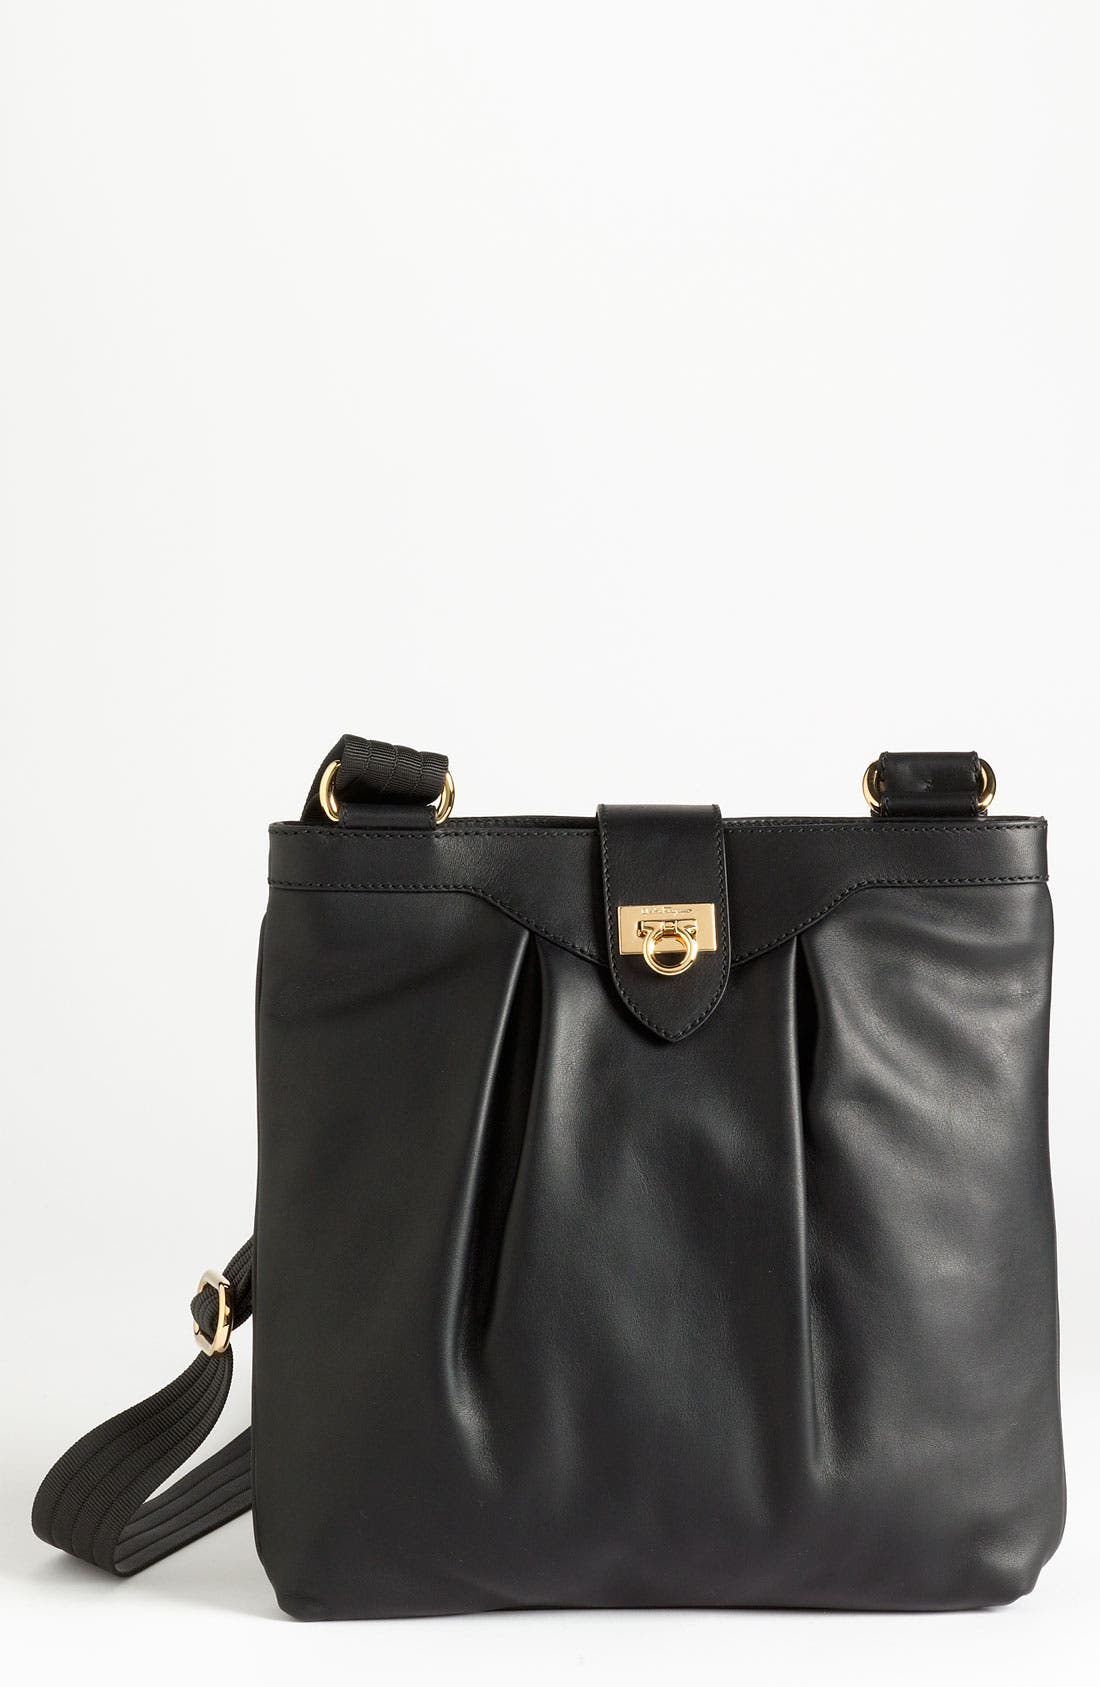 Alternate Image 1 Selected - Salvatore Ferragamo 'Graziella' Leather Crossbody Bag